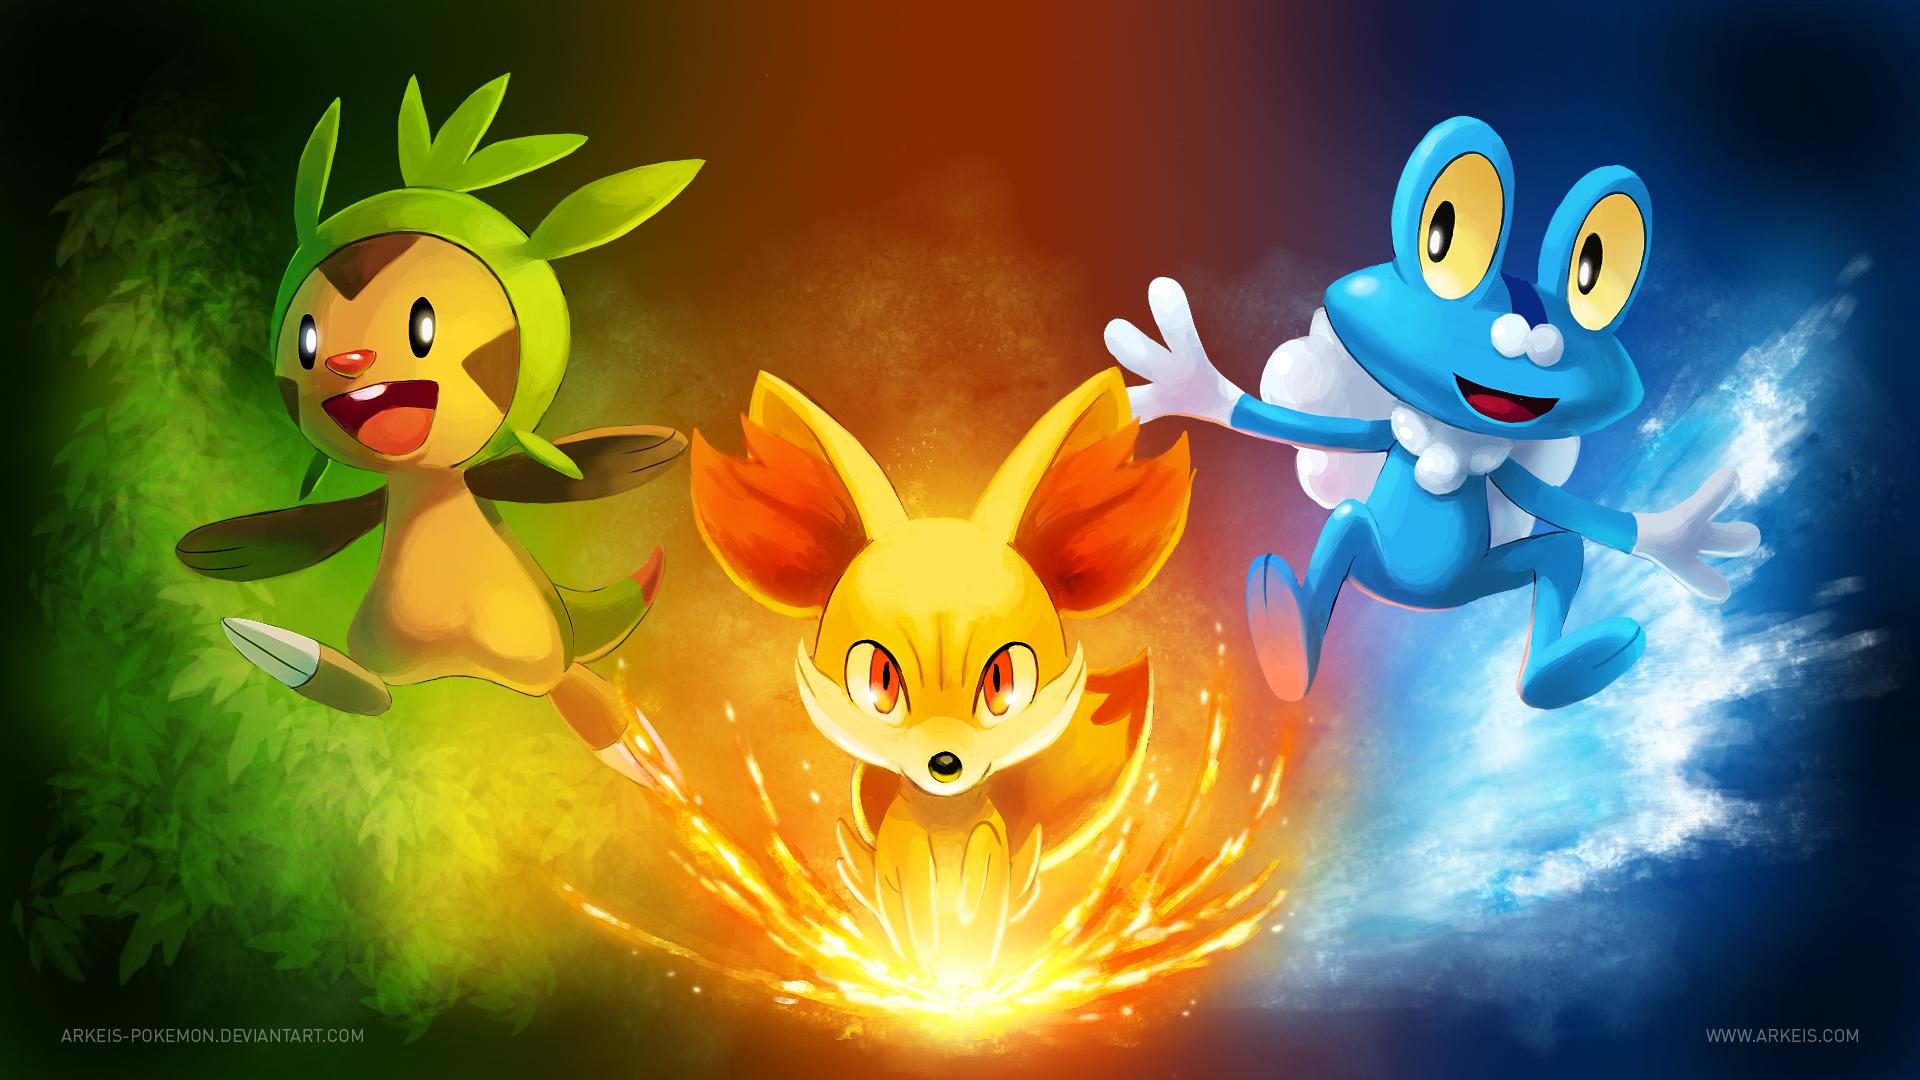 Pokemon Wallpaper Screensaver HD